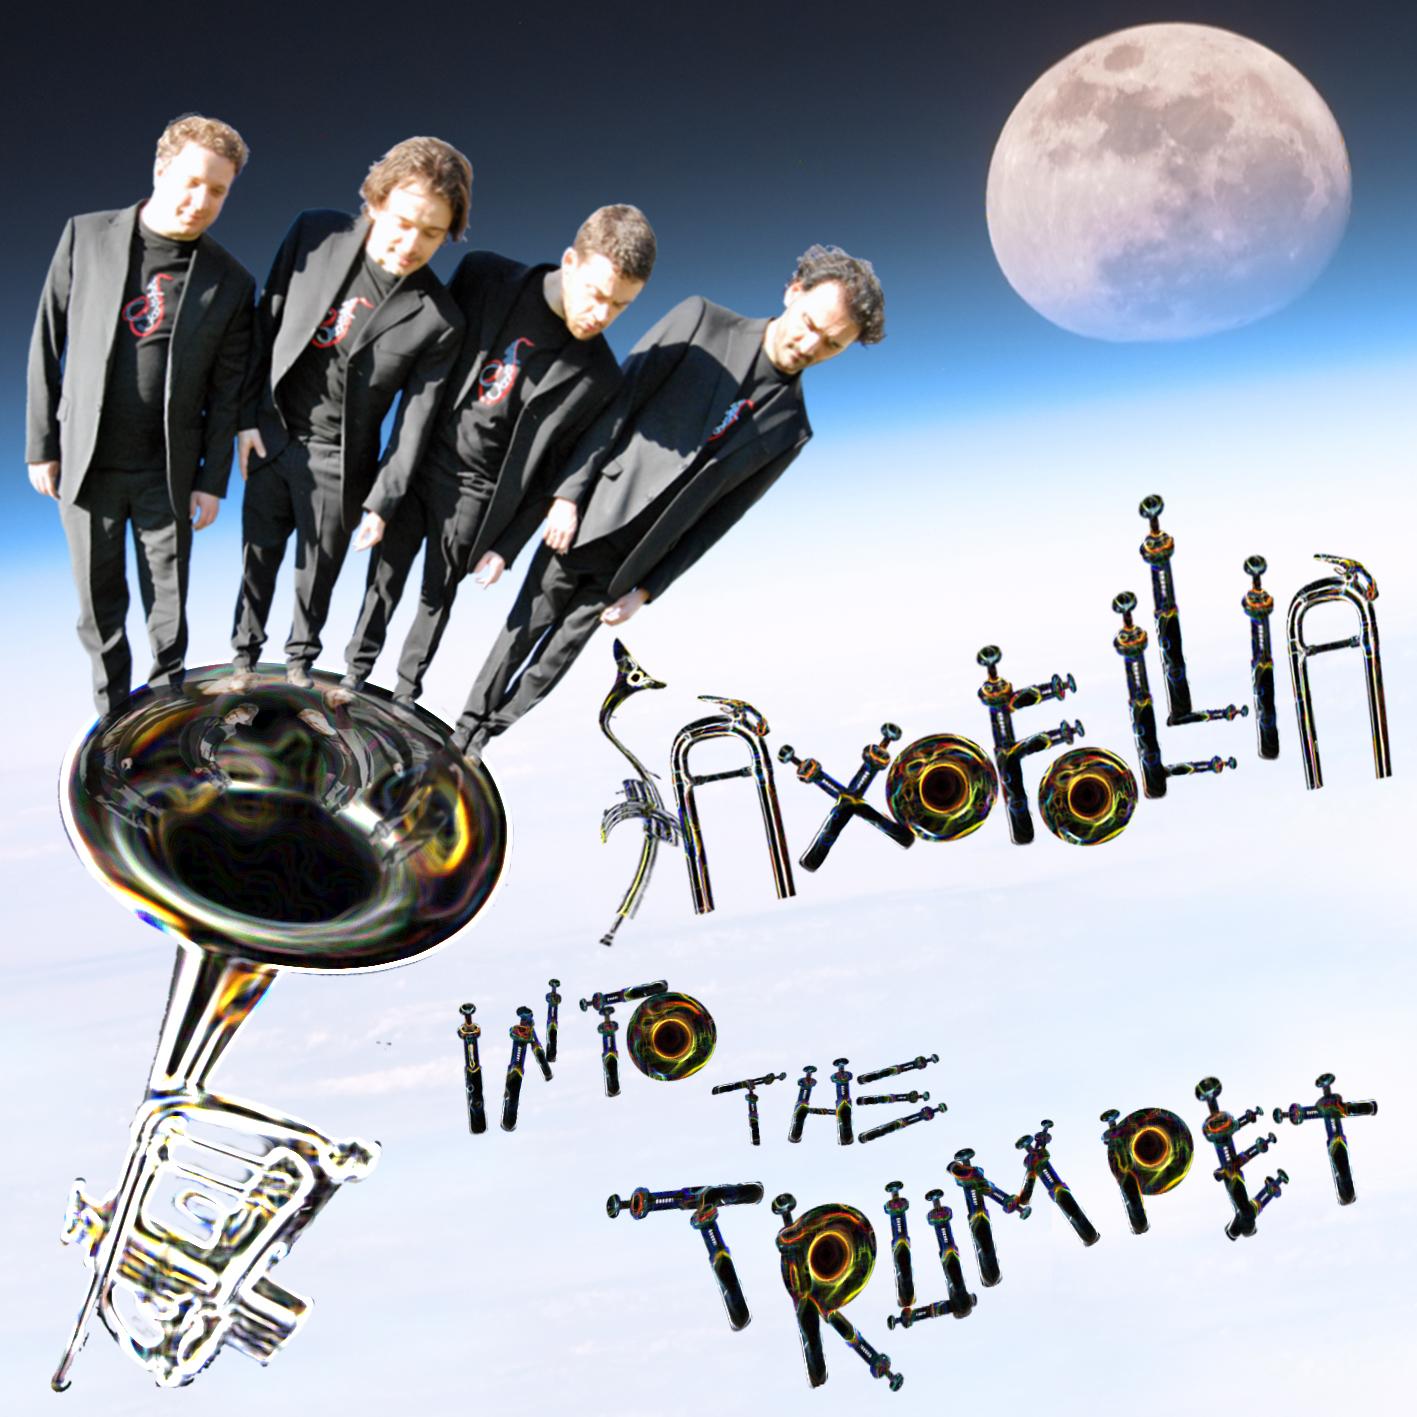 Saxofollia Into the trumpet